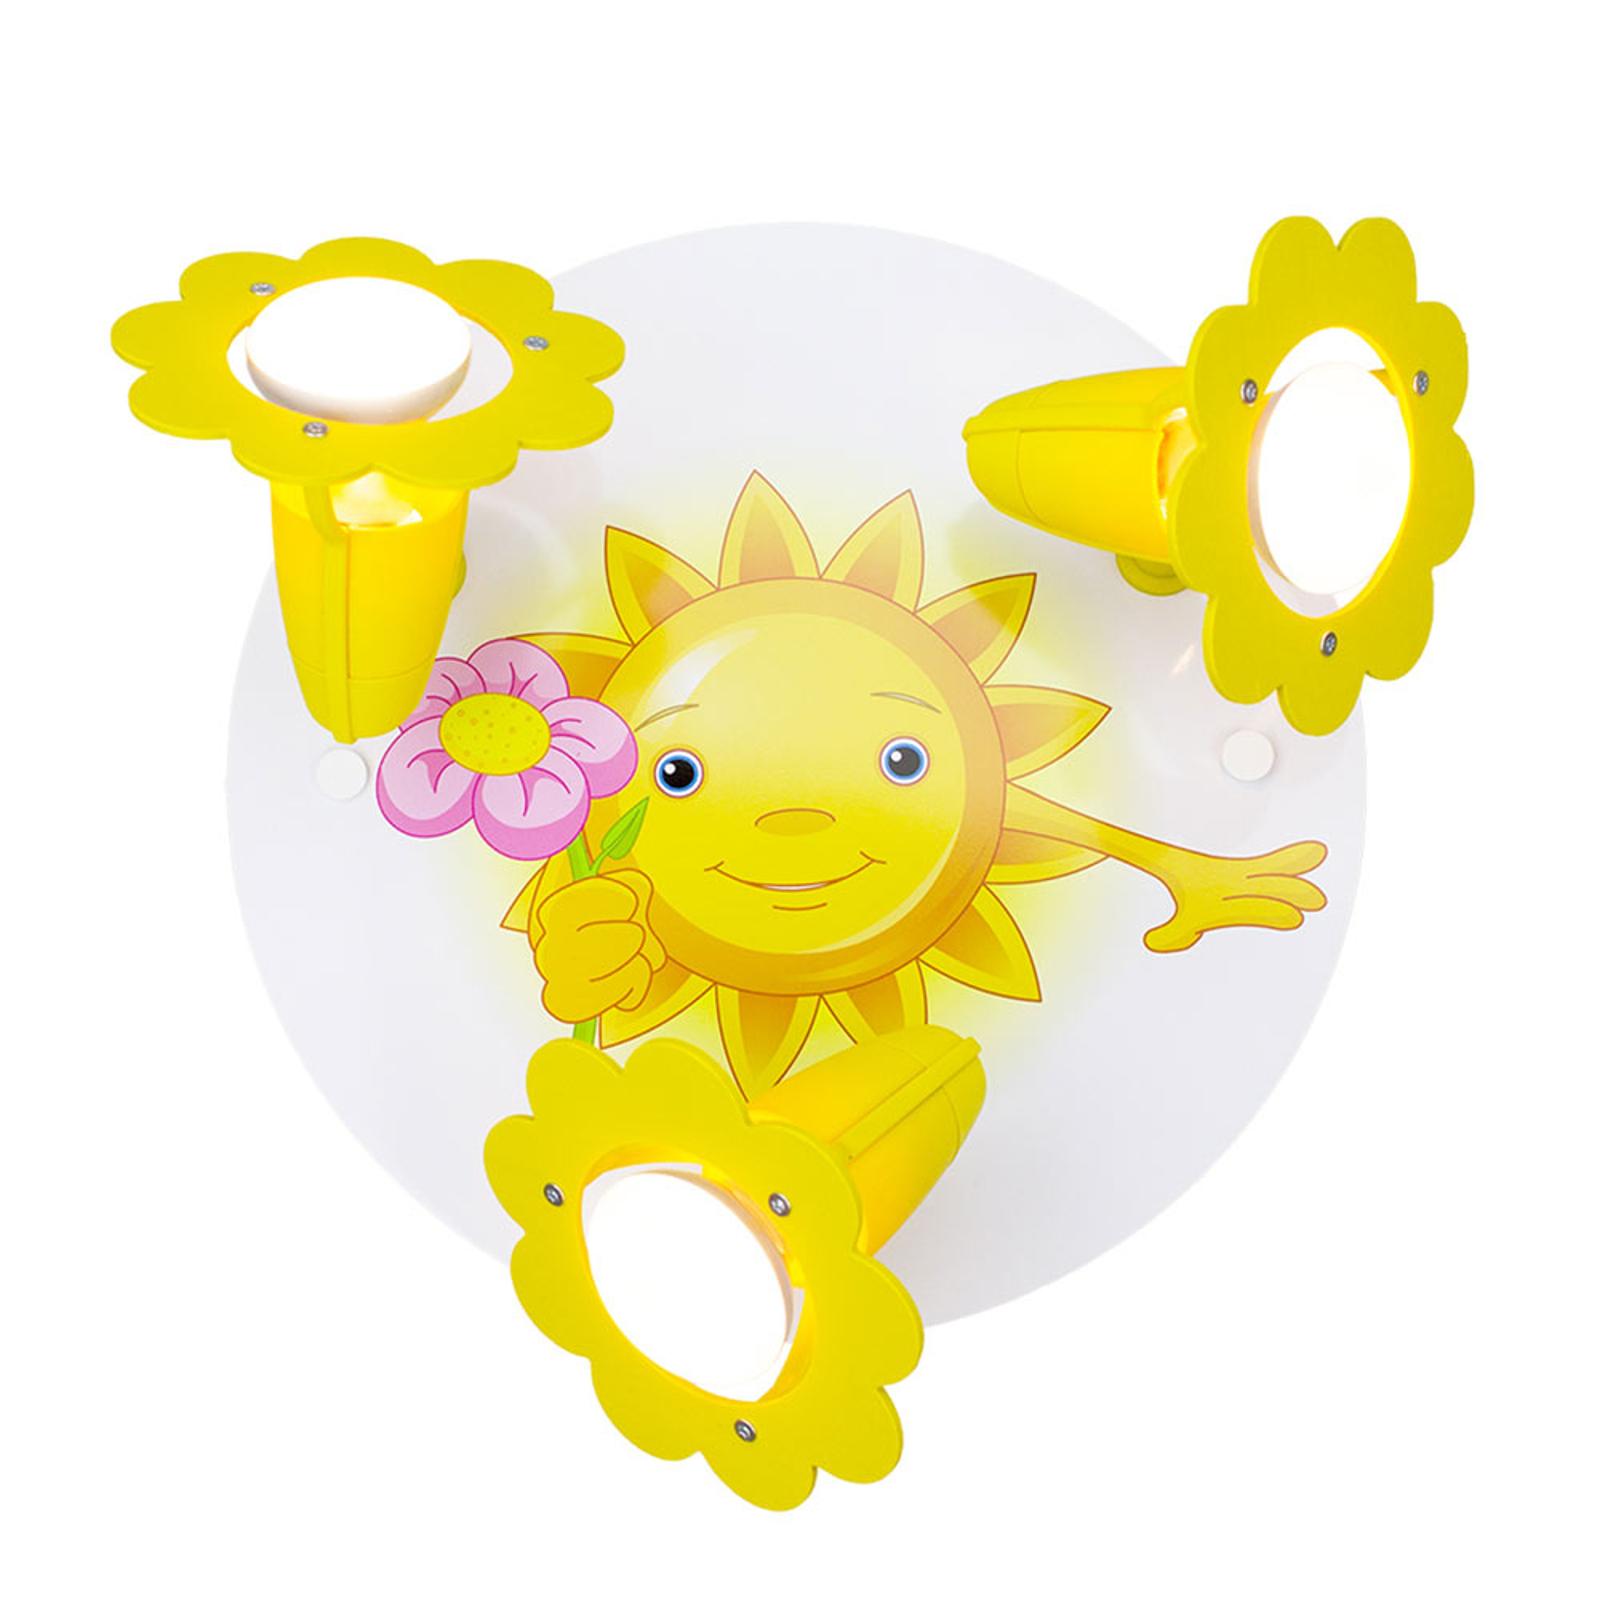 Plafonnier Soleil avec fleur 3 lampes, jaune-blanc